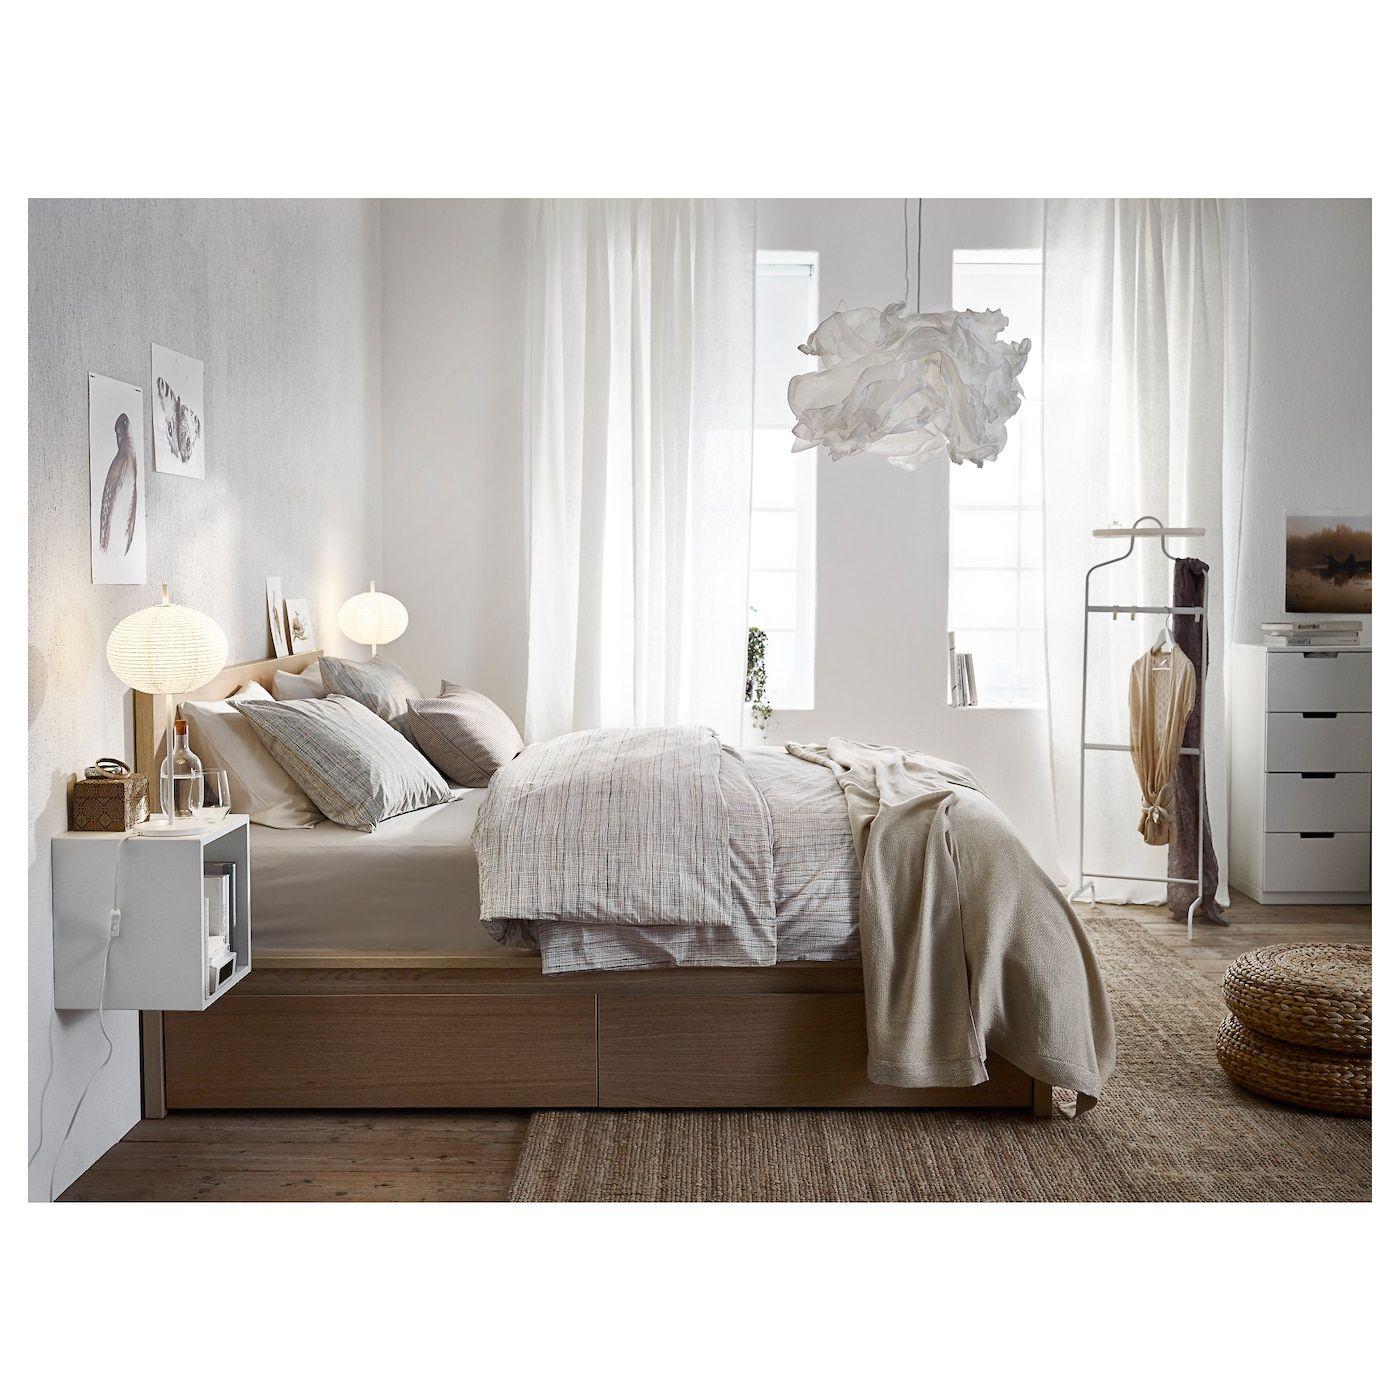 Malm Bettgestell Hoch Mit 4 Schubladen Eichenfurnier Weiss Lasiert Lonset Ikea Osterreich In 2020 High Bed Frame Malm Bed Frame Malm Bed